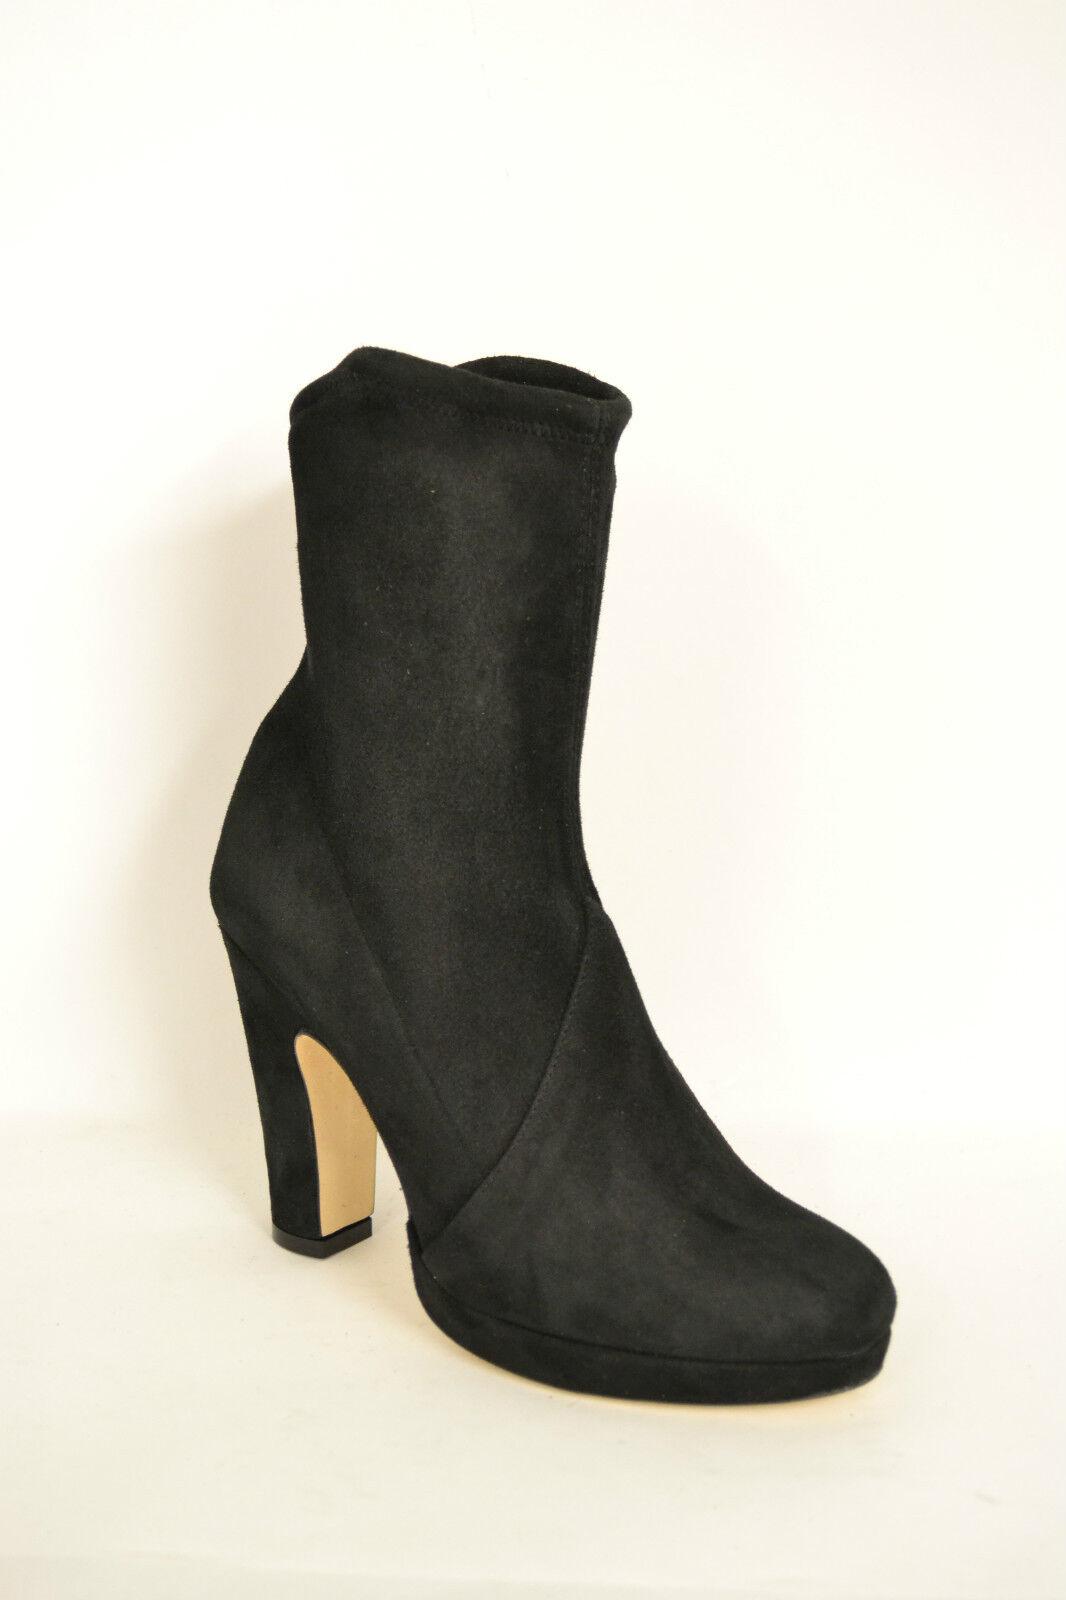 Grandes zapatos con descuento STIVALI DONNA ARTIGIANALI VERA PELLE CAMOSCIO ELASTICIZZATO NERO MADE IN ITALY